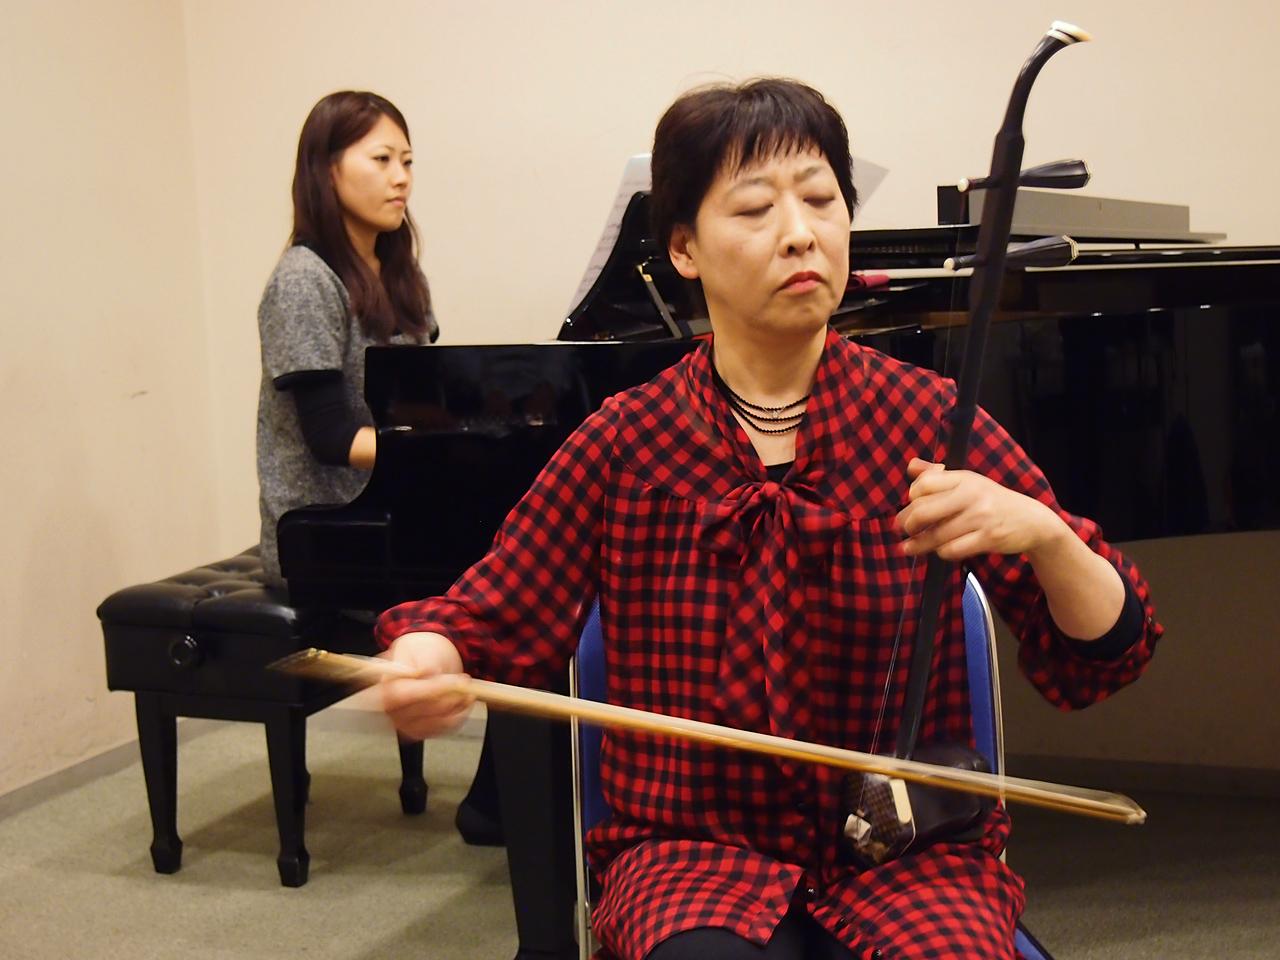 有田さん親子によるミュージックビデオレコーダーの評価は「合格」!